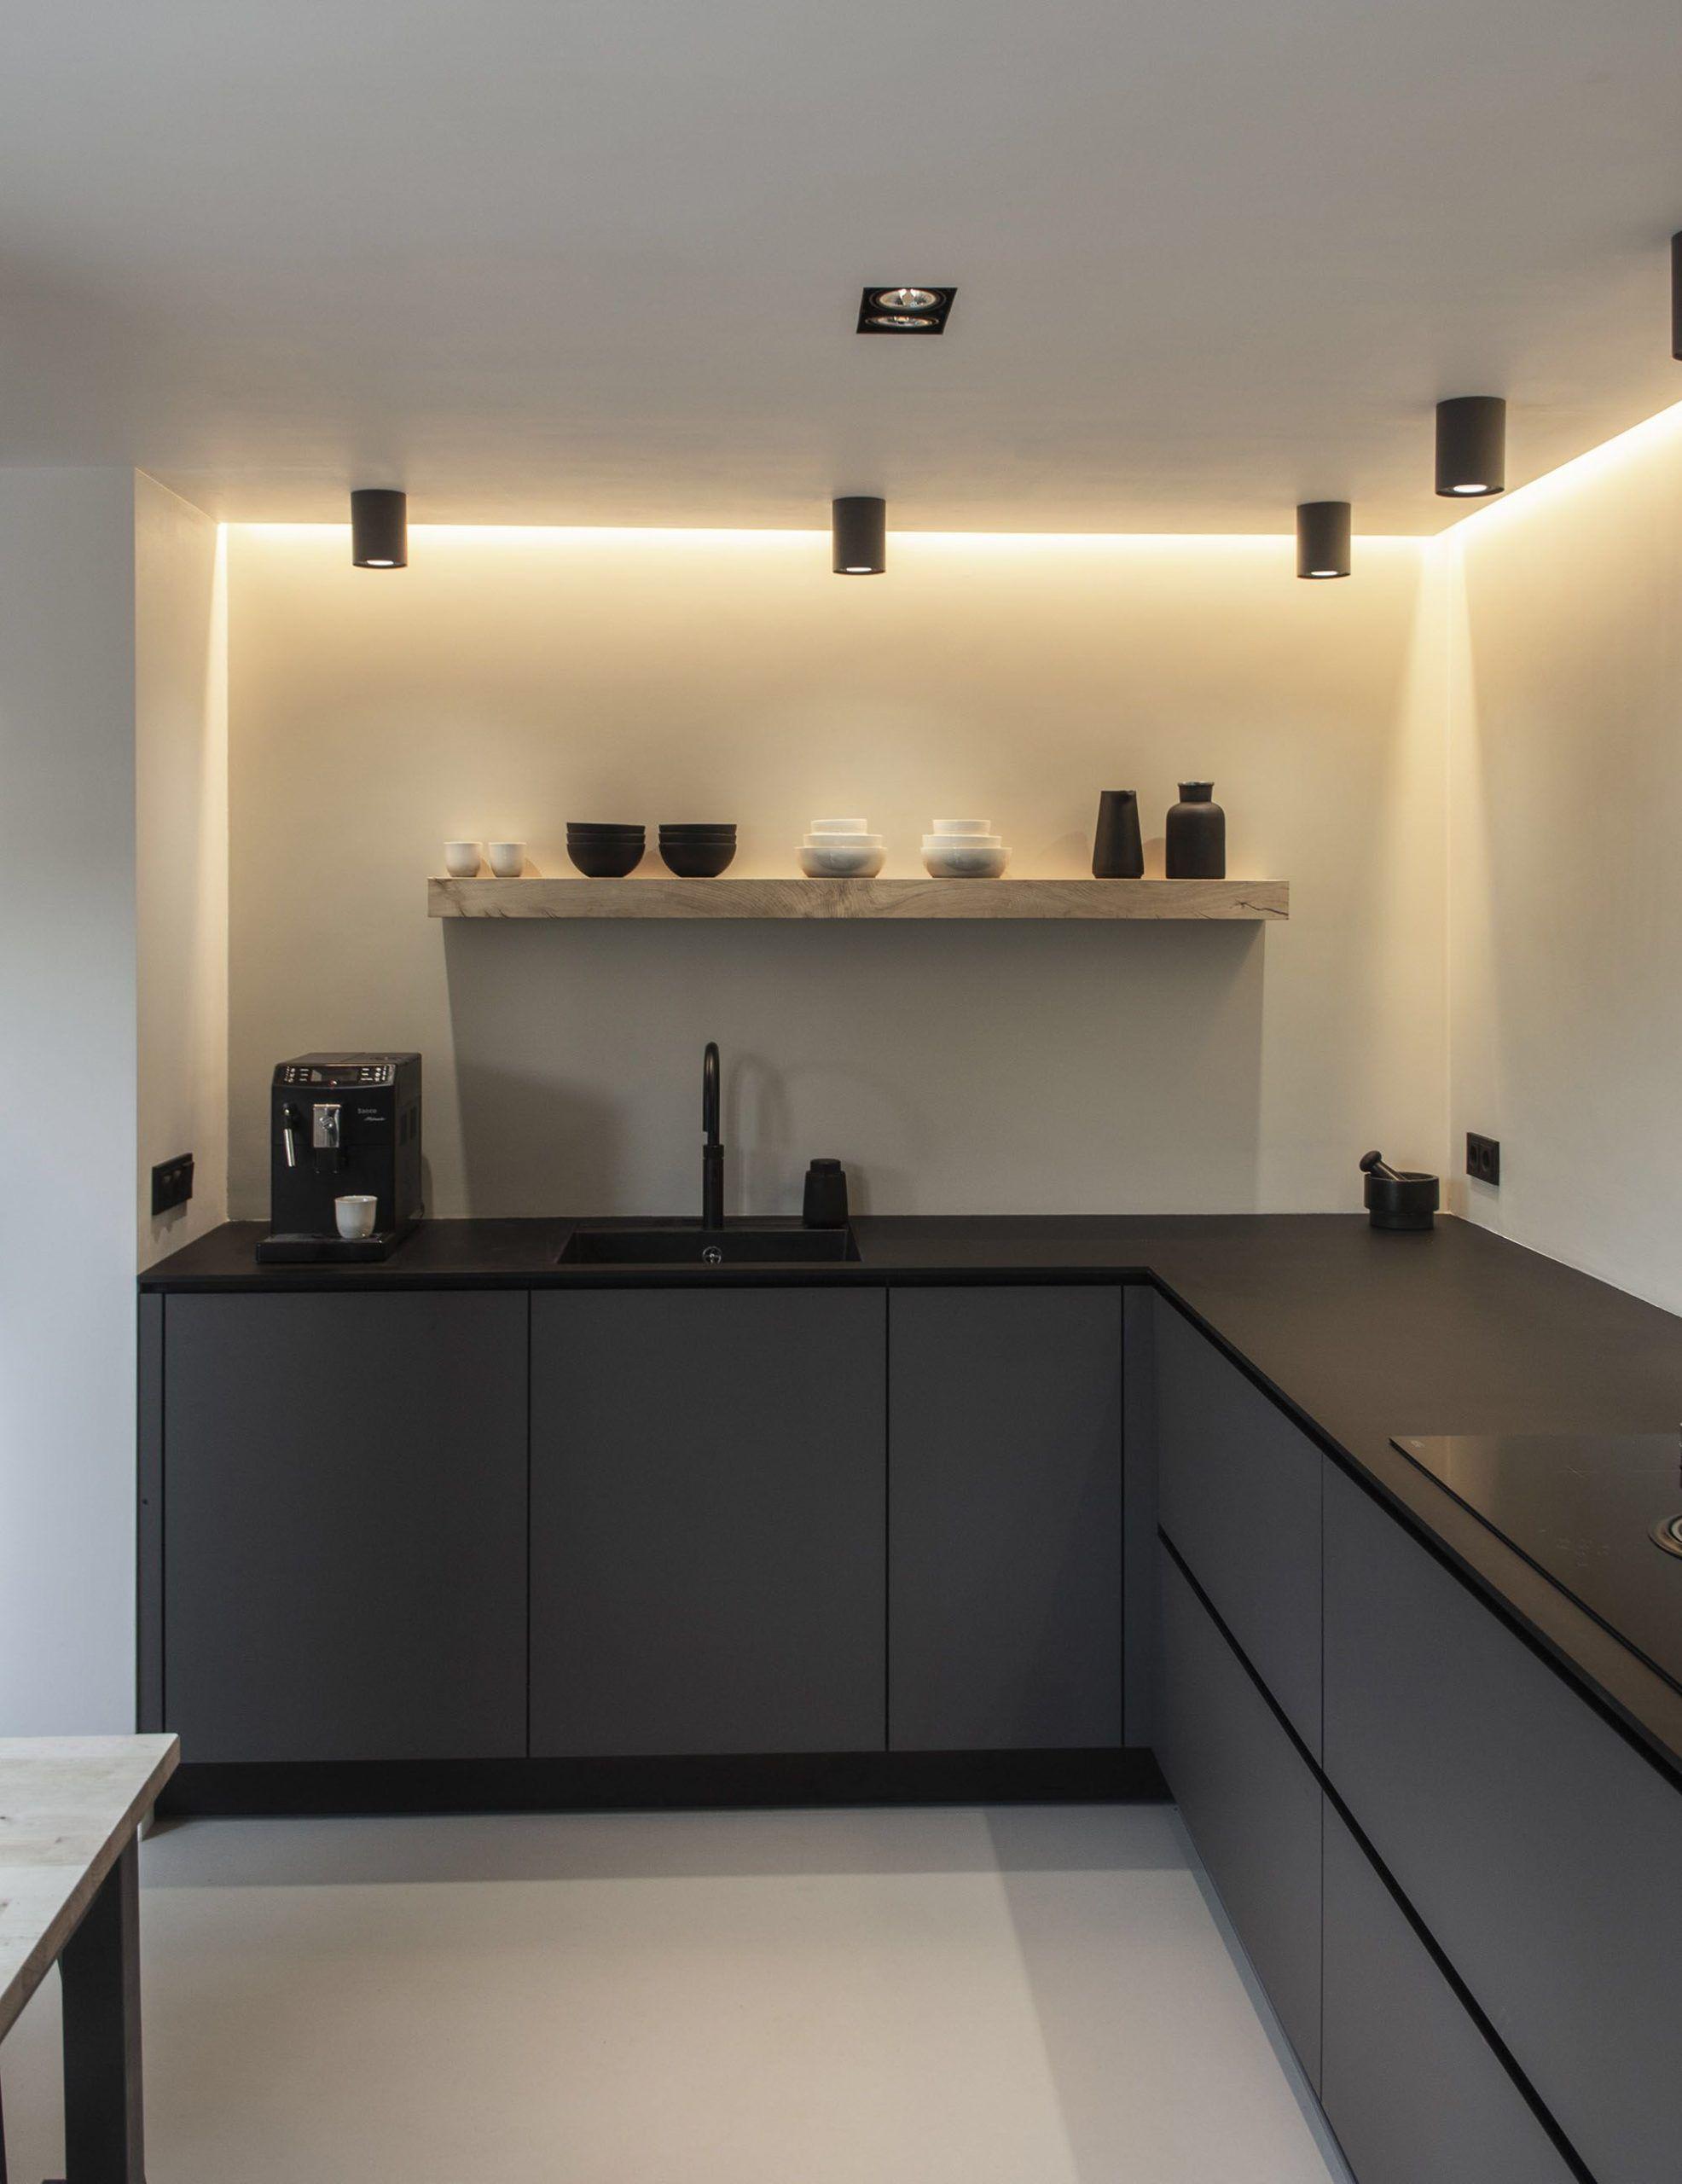 Prato Kuche Kvik Amersfoort In 2020 Moderne Kuchenideen Hausrenovierung Kuchendesign